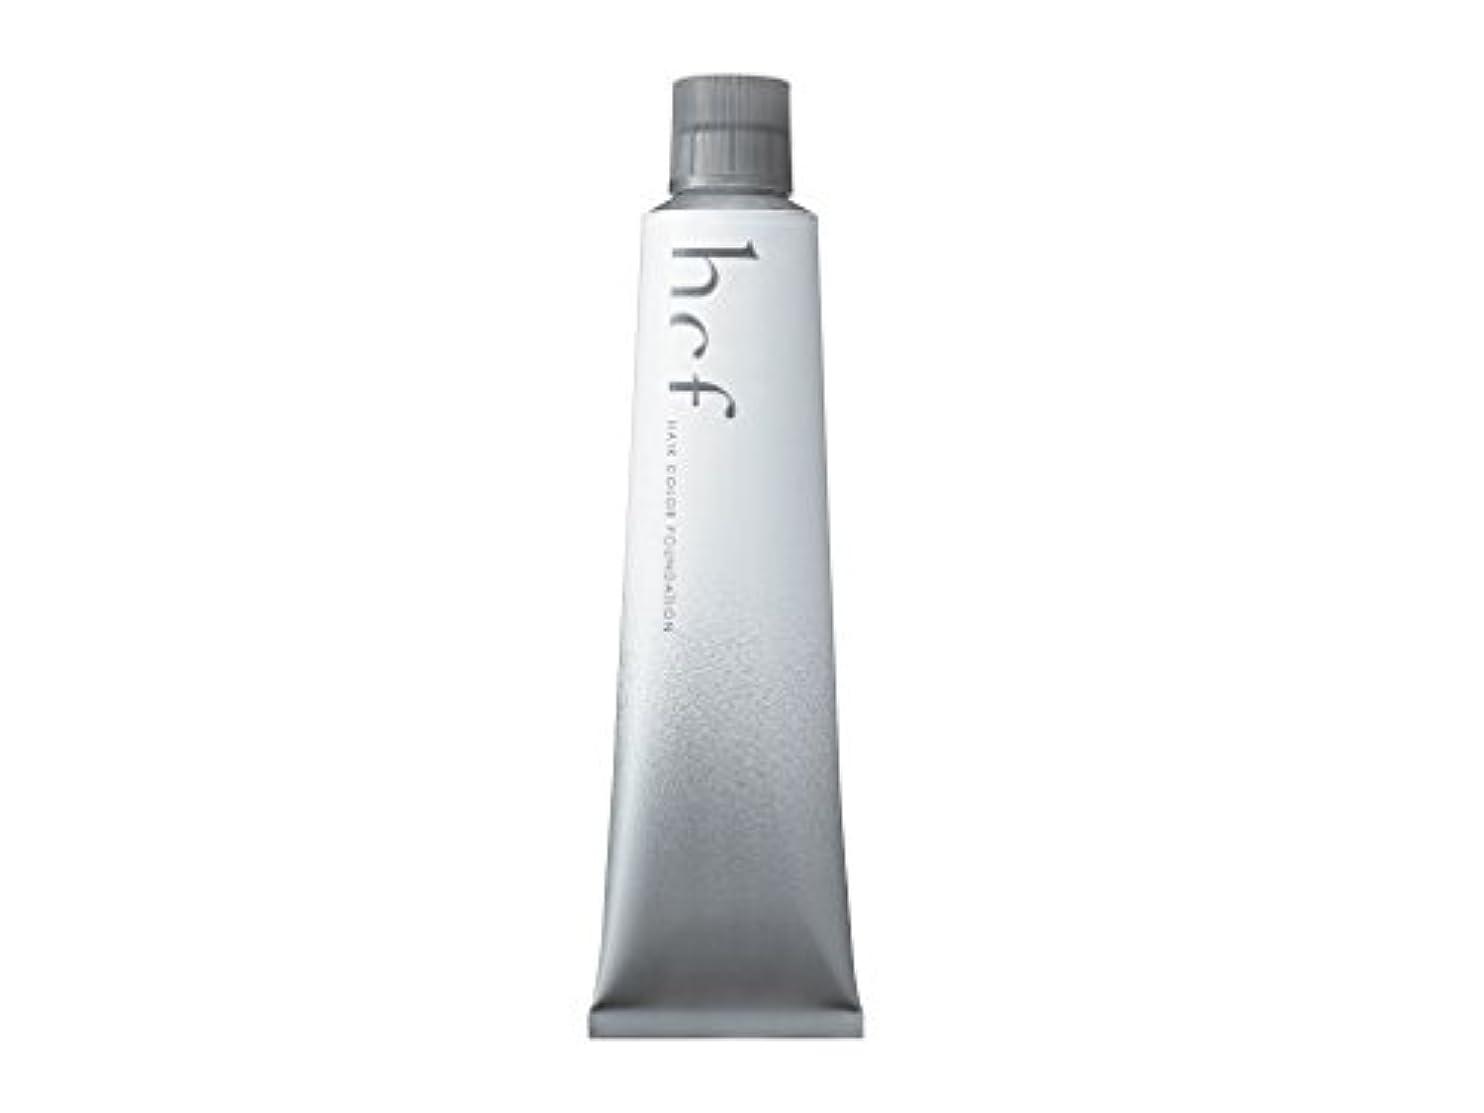 不一致温室液体メロス hcf ヘアカラーファンデーション ベーシックタイプ グレイッシュトーン 6-GA 120g 【ヘアカラー1剤】